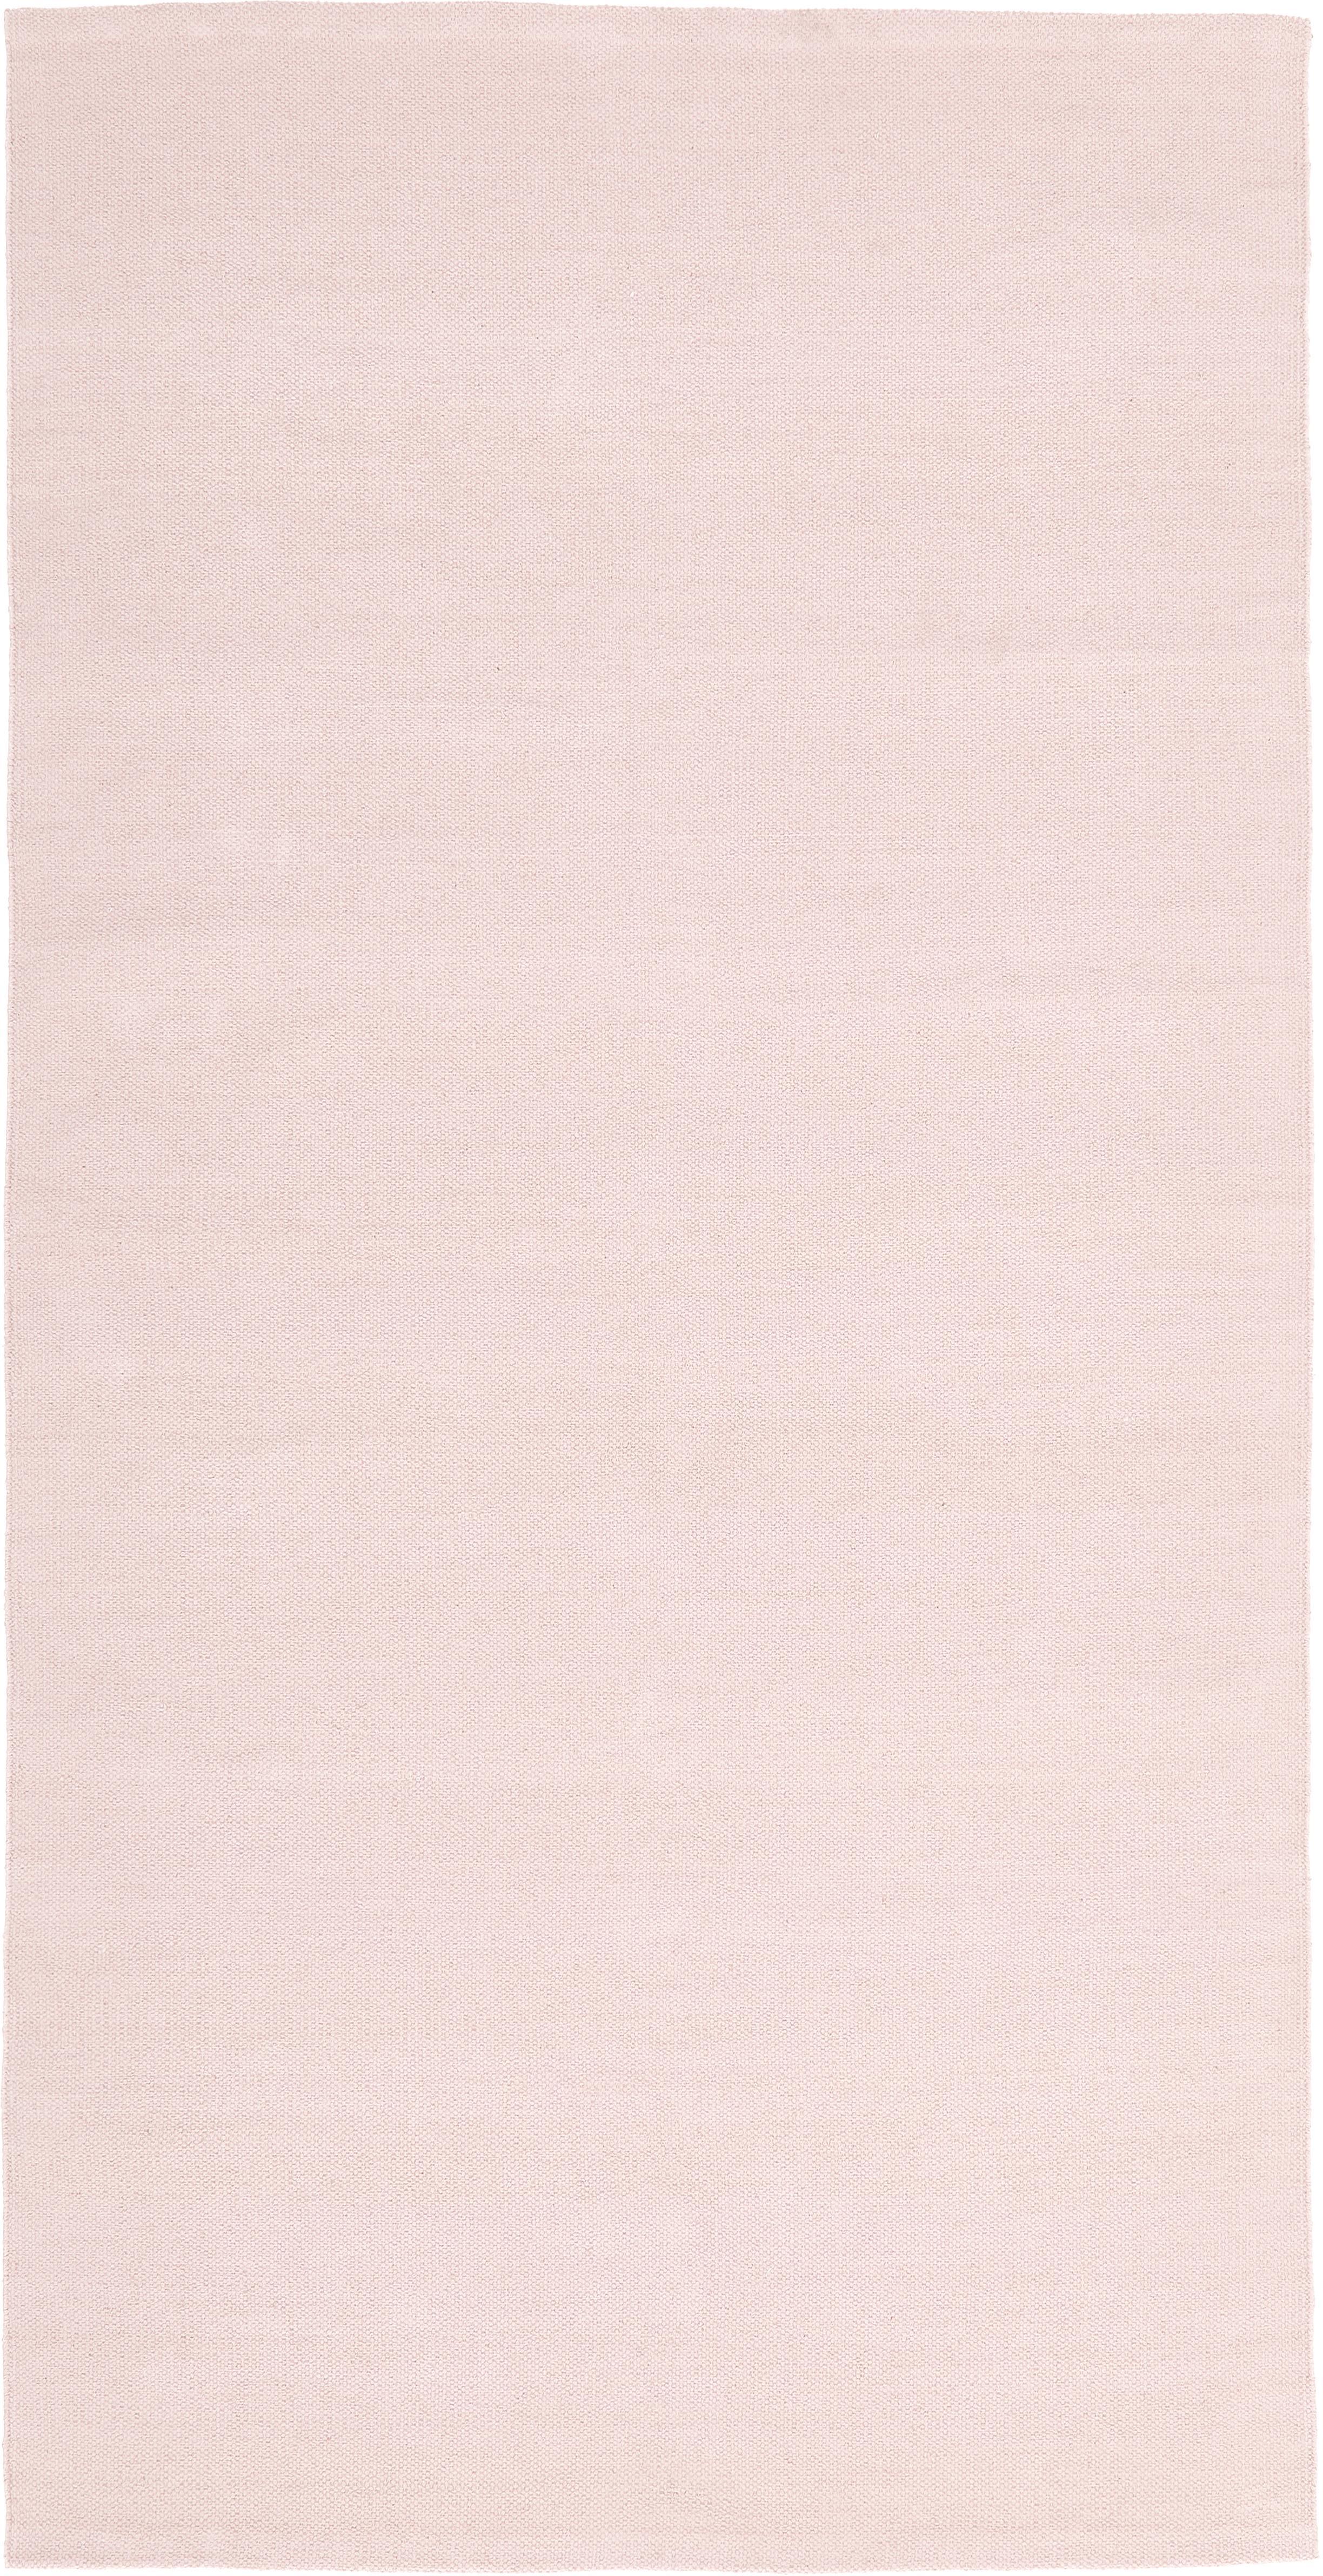 Ręcznie tkany dywan z bawełny Agneta, Bawełna, Blady różowy, S 70 x D 140 cm